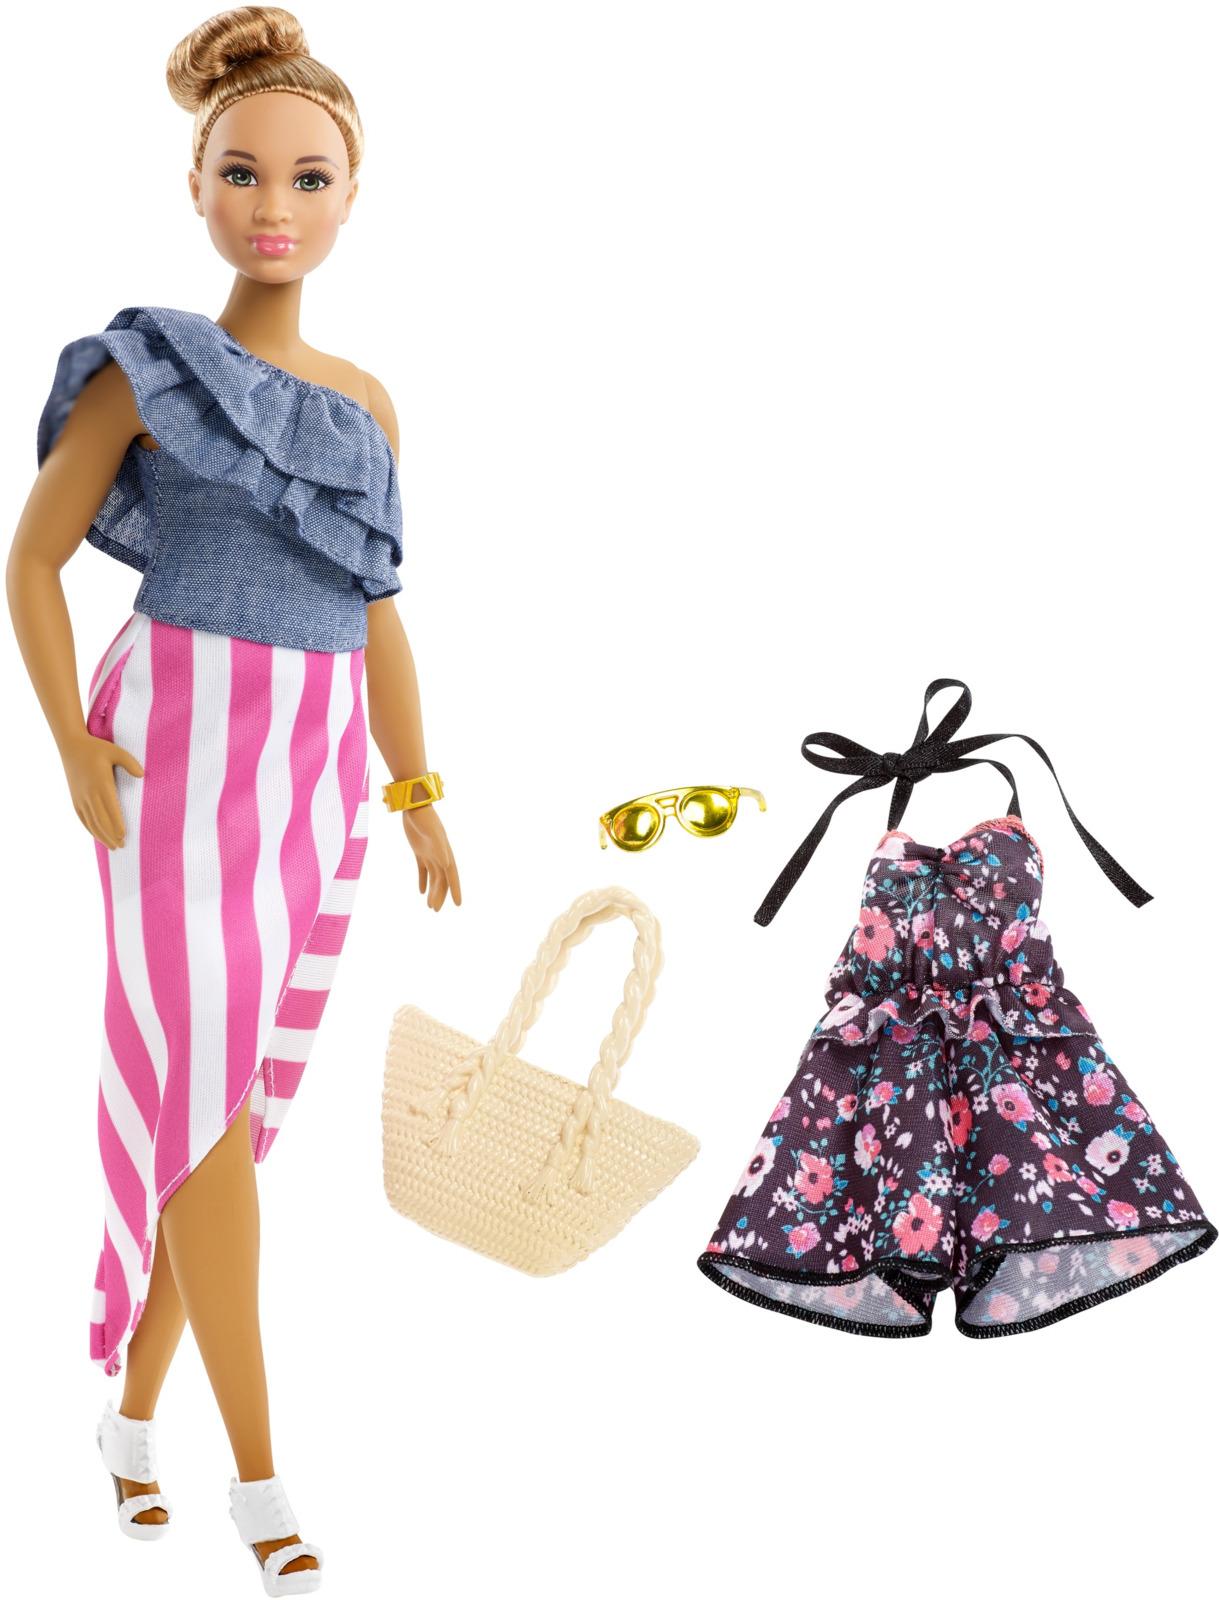 Кукла барби мода с аксессуарами